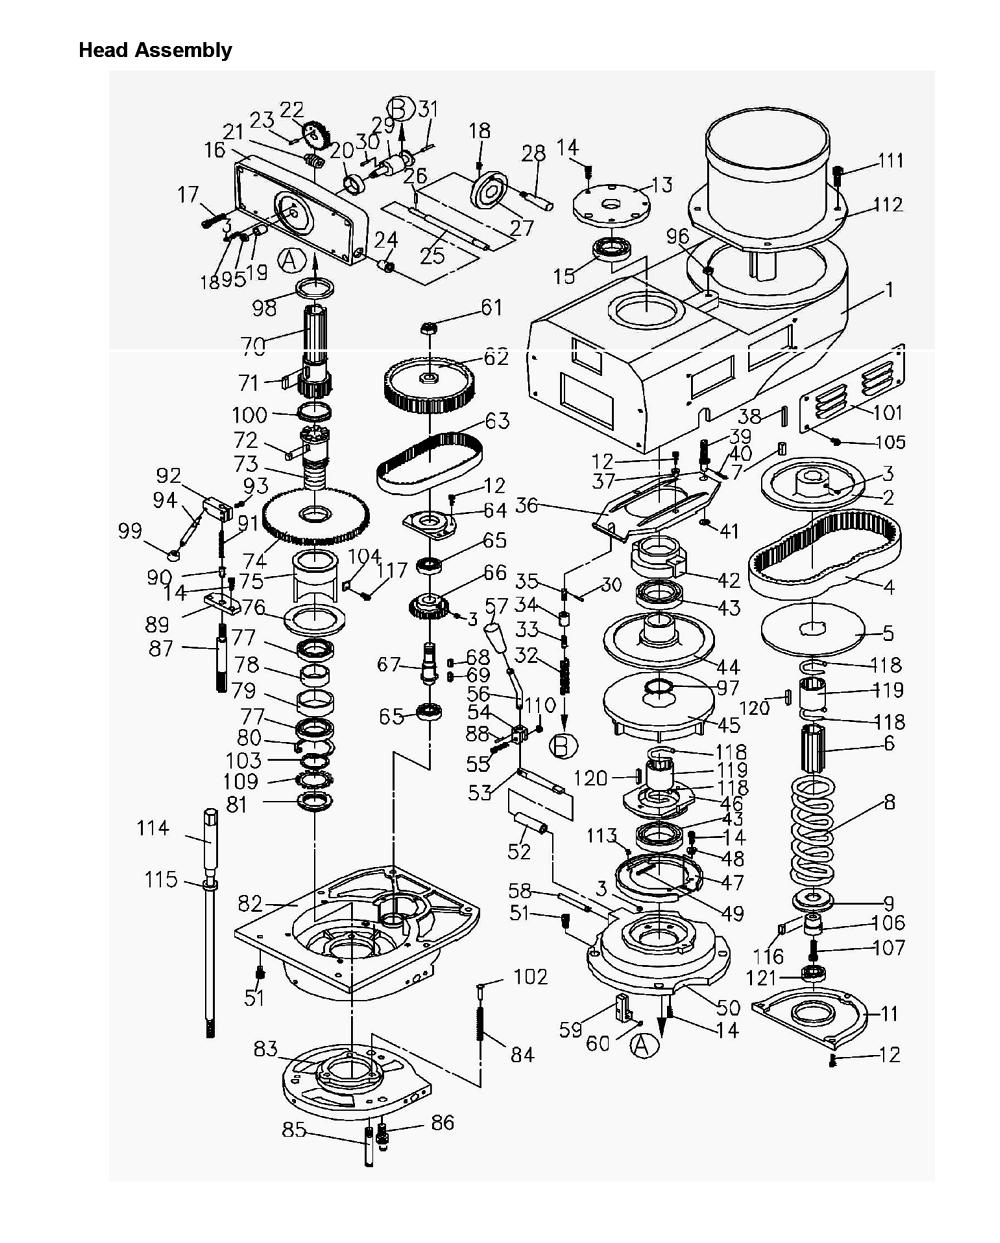 Bridgeport Mill Parts Diagram | Displanet.net